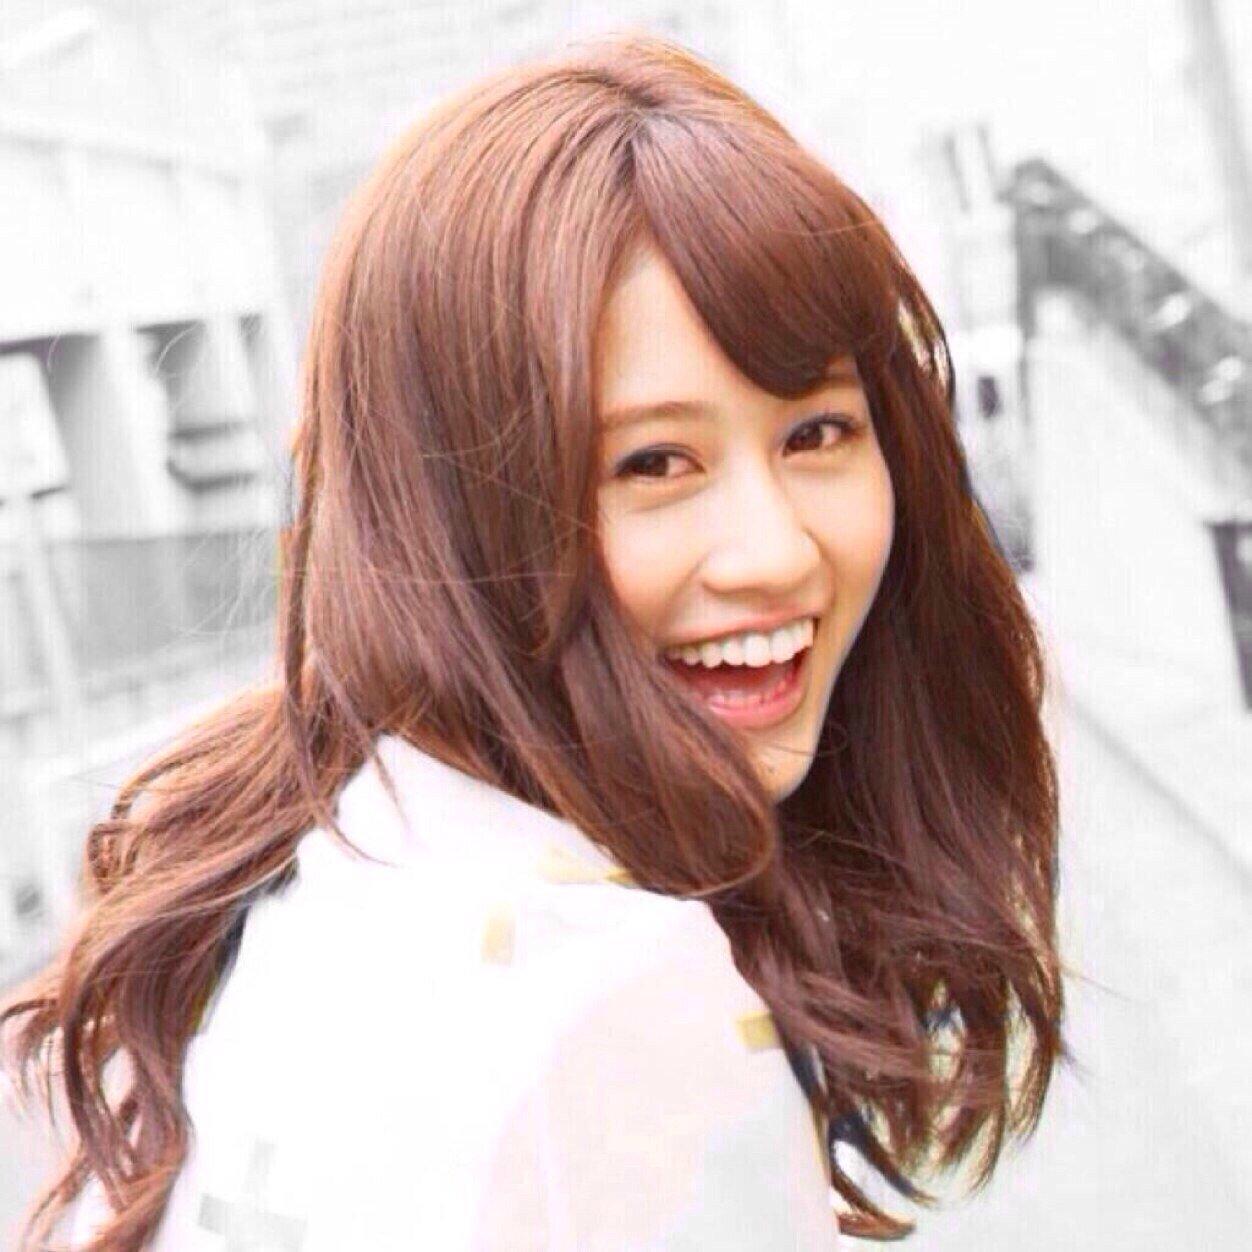 もう見られないかも?!前田敦子の厳選・水着写真のまとめ♡のサムネイル画像